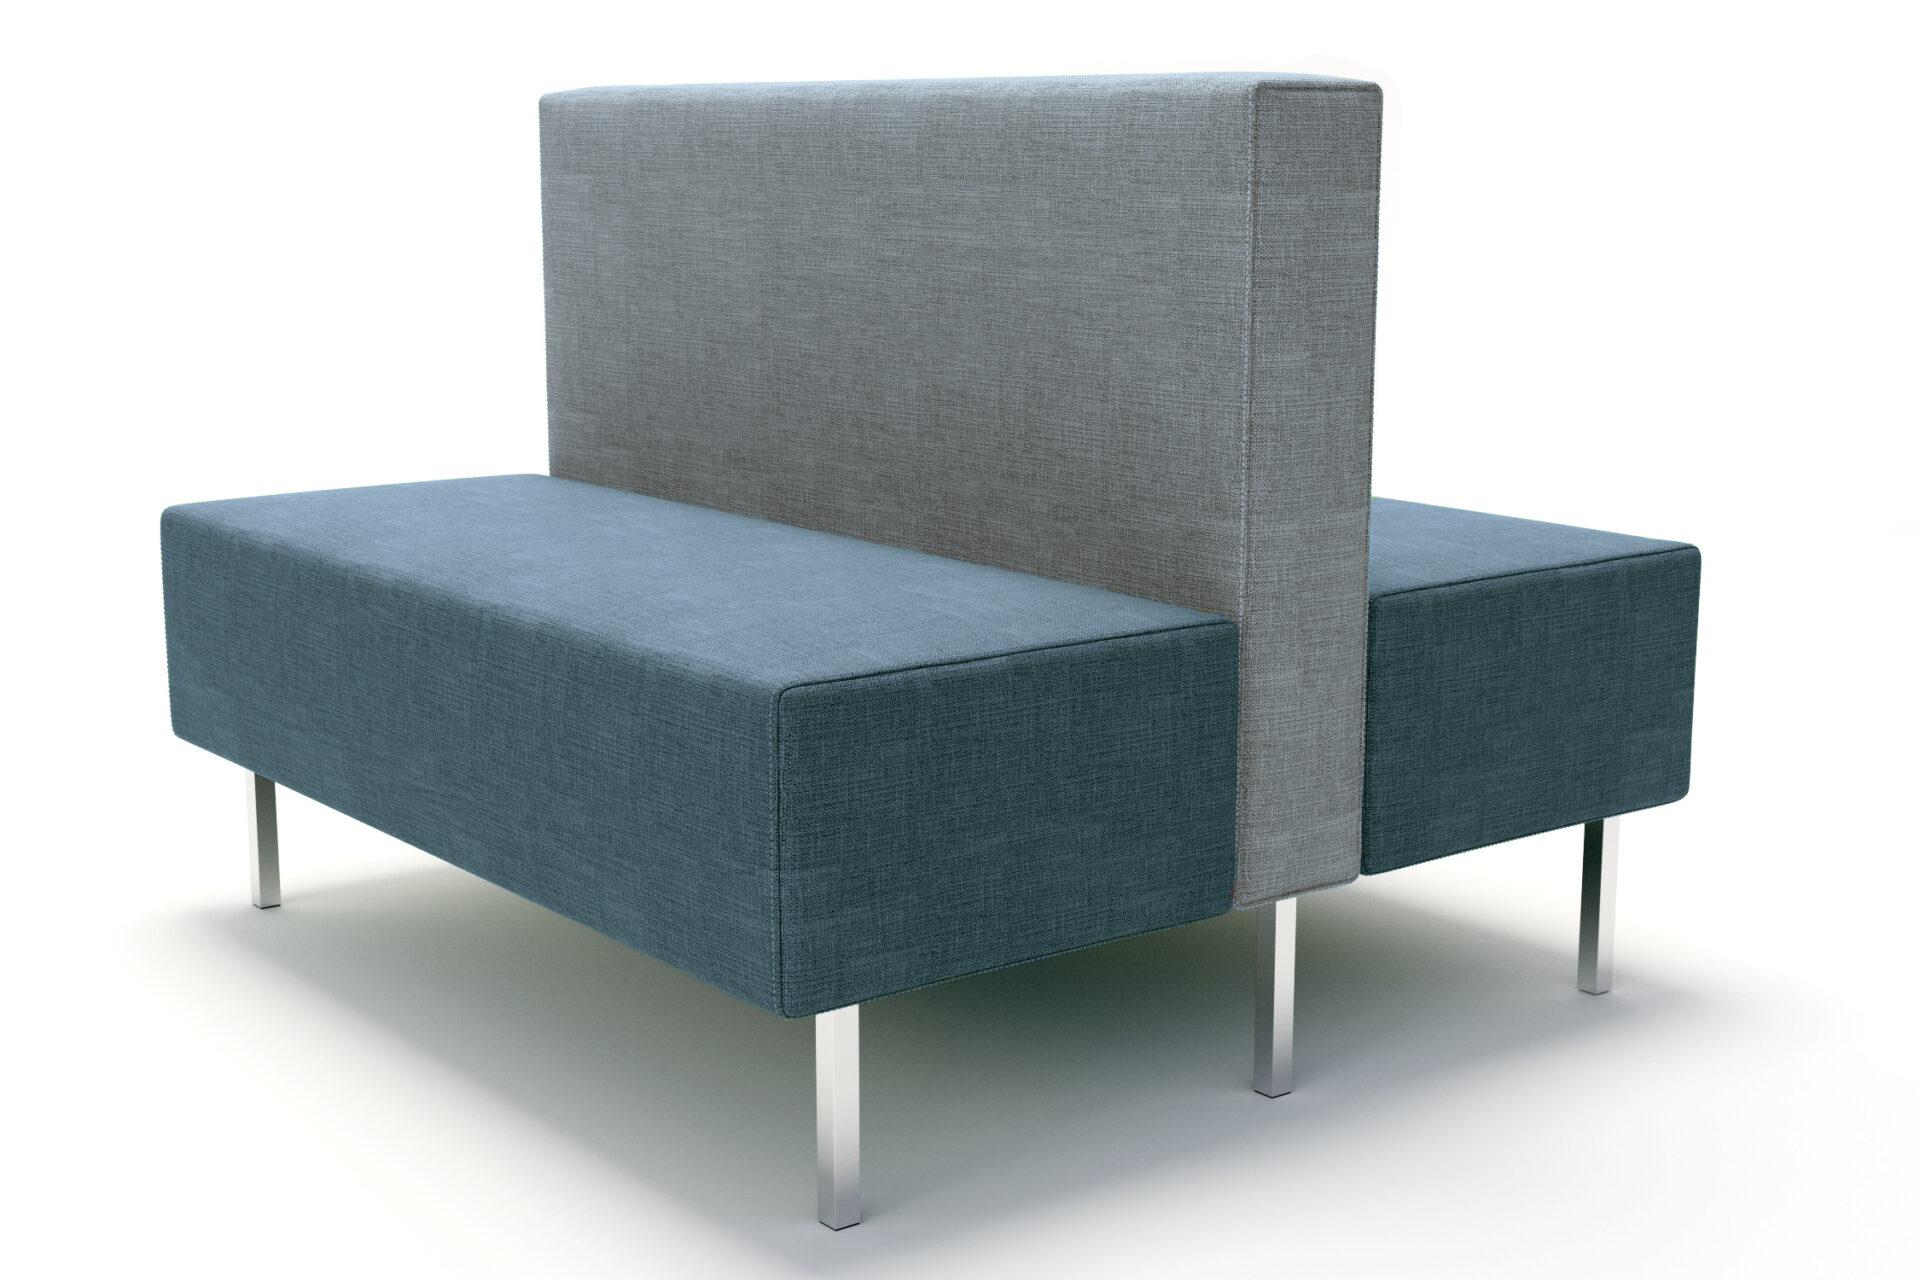 Balance Modular Bench Seating